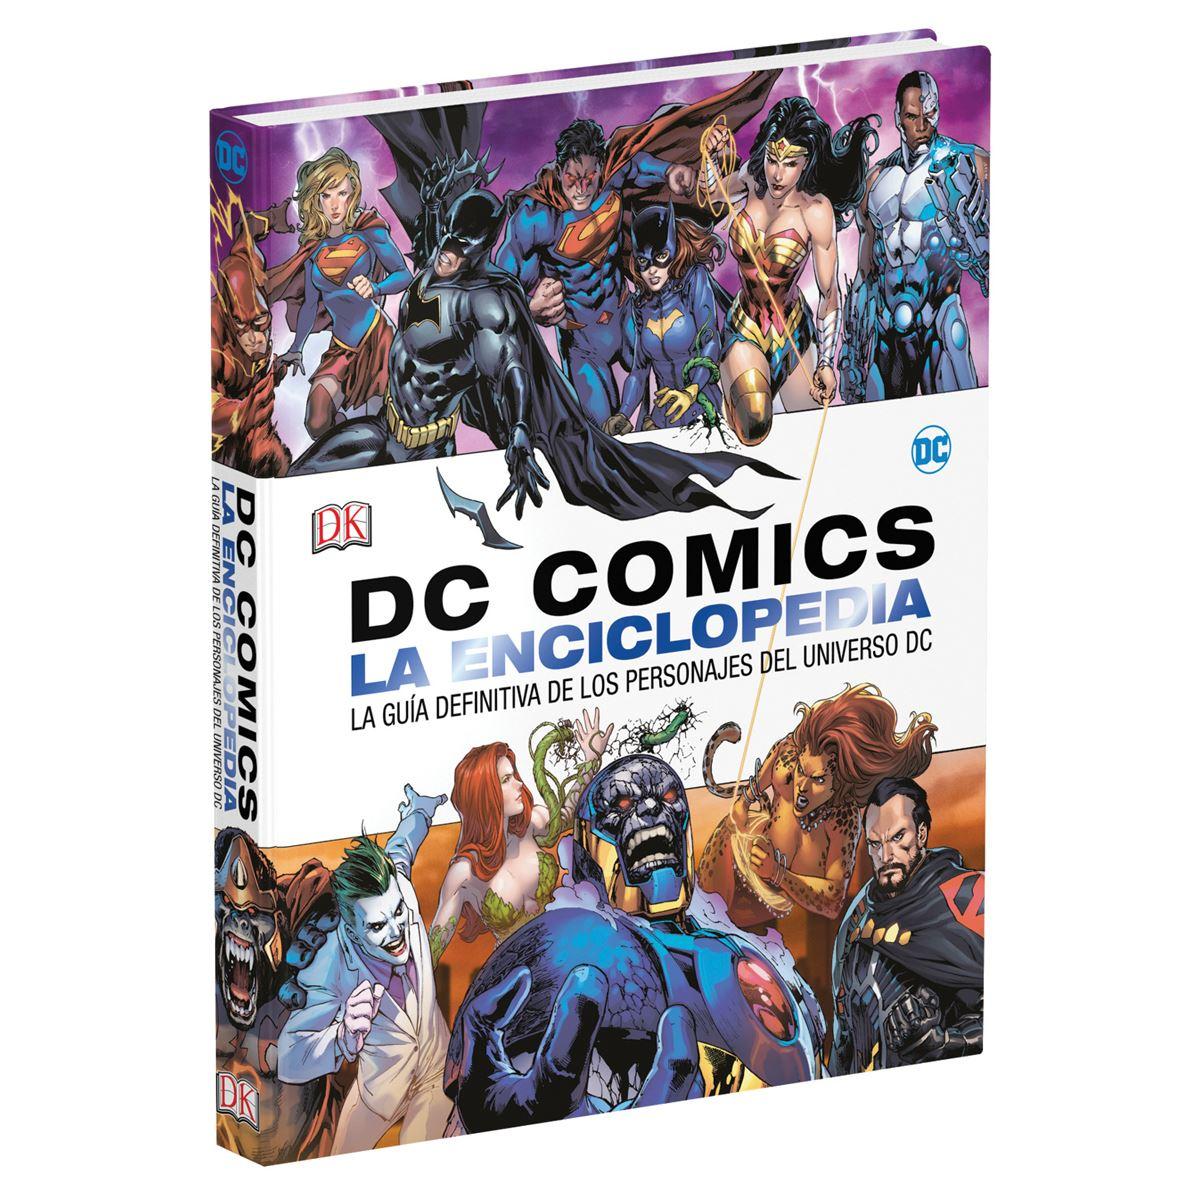 Dc comics la enciclopedia Libro - Sanborns